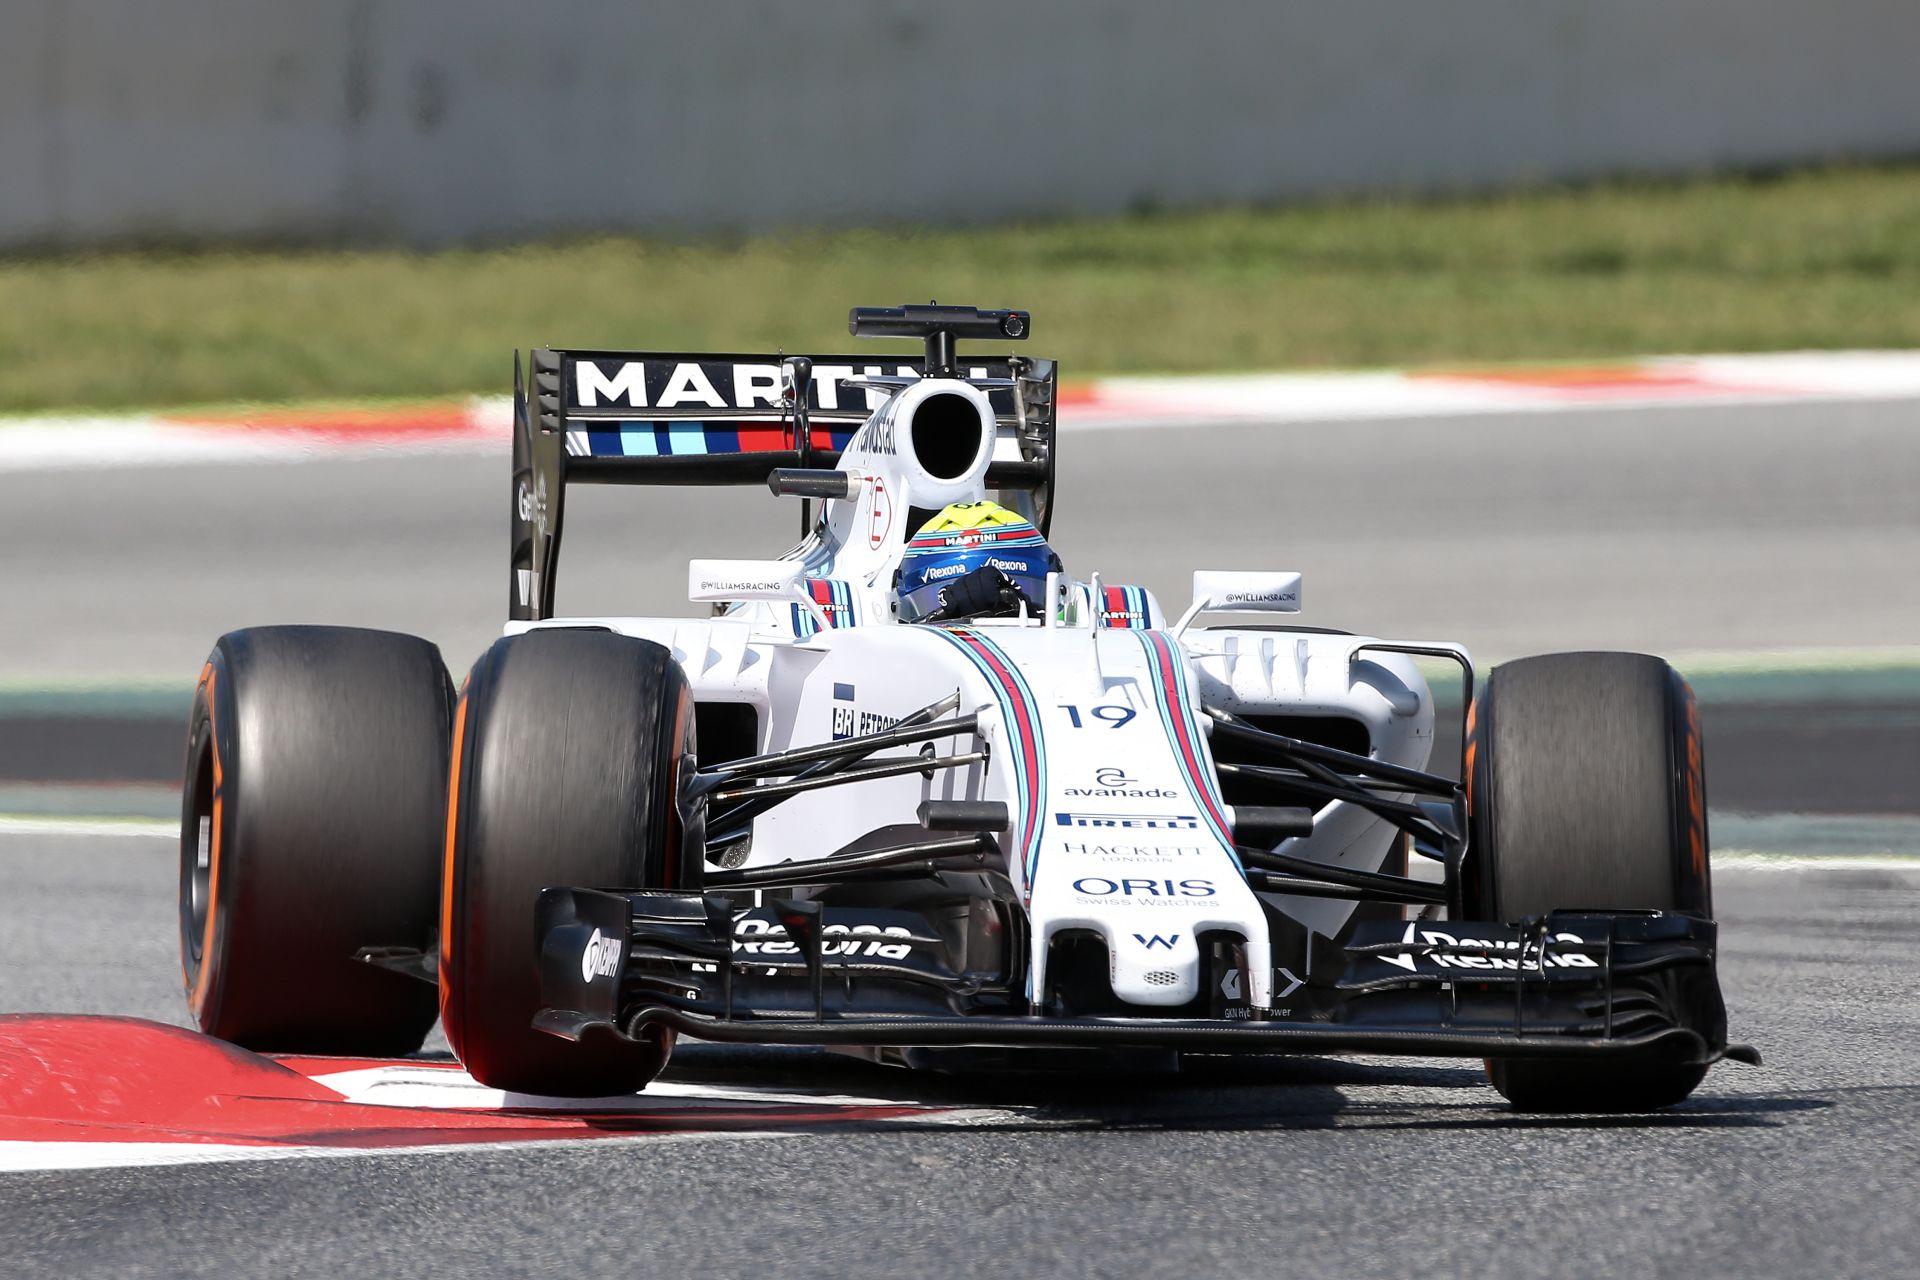 A paddockban az a hír járja, hogy a Williams lemaradt a fejlesztési versenyben